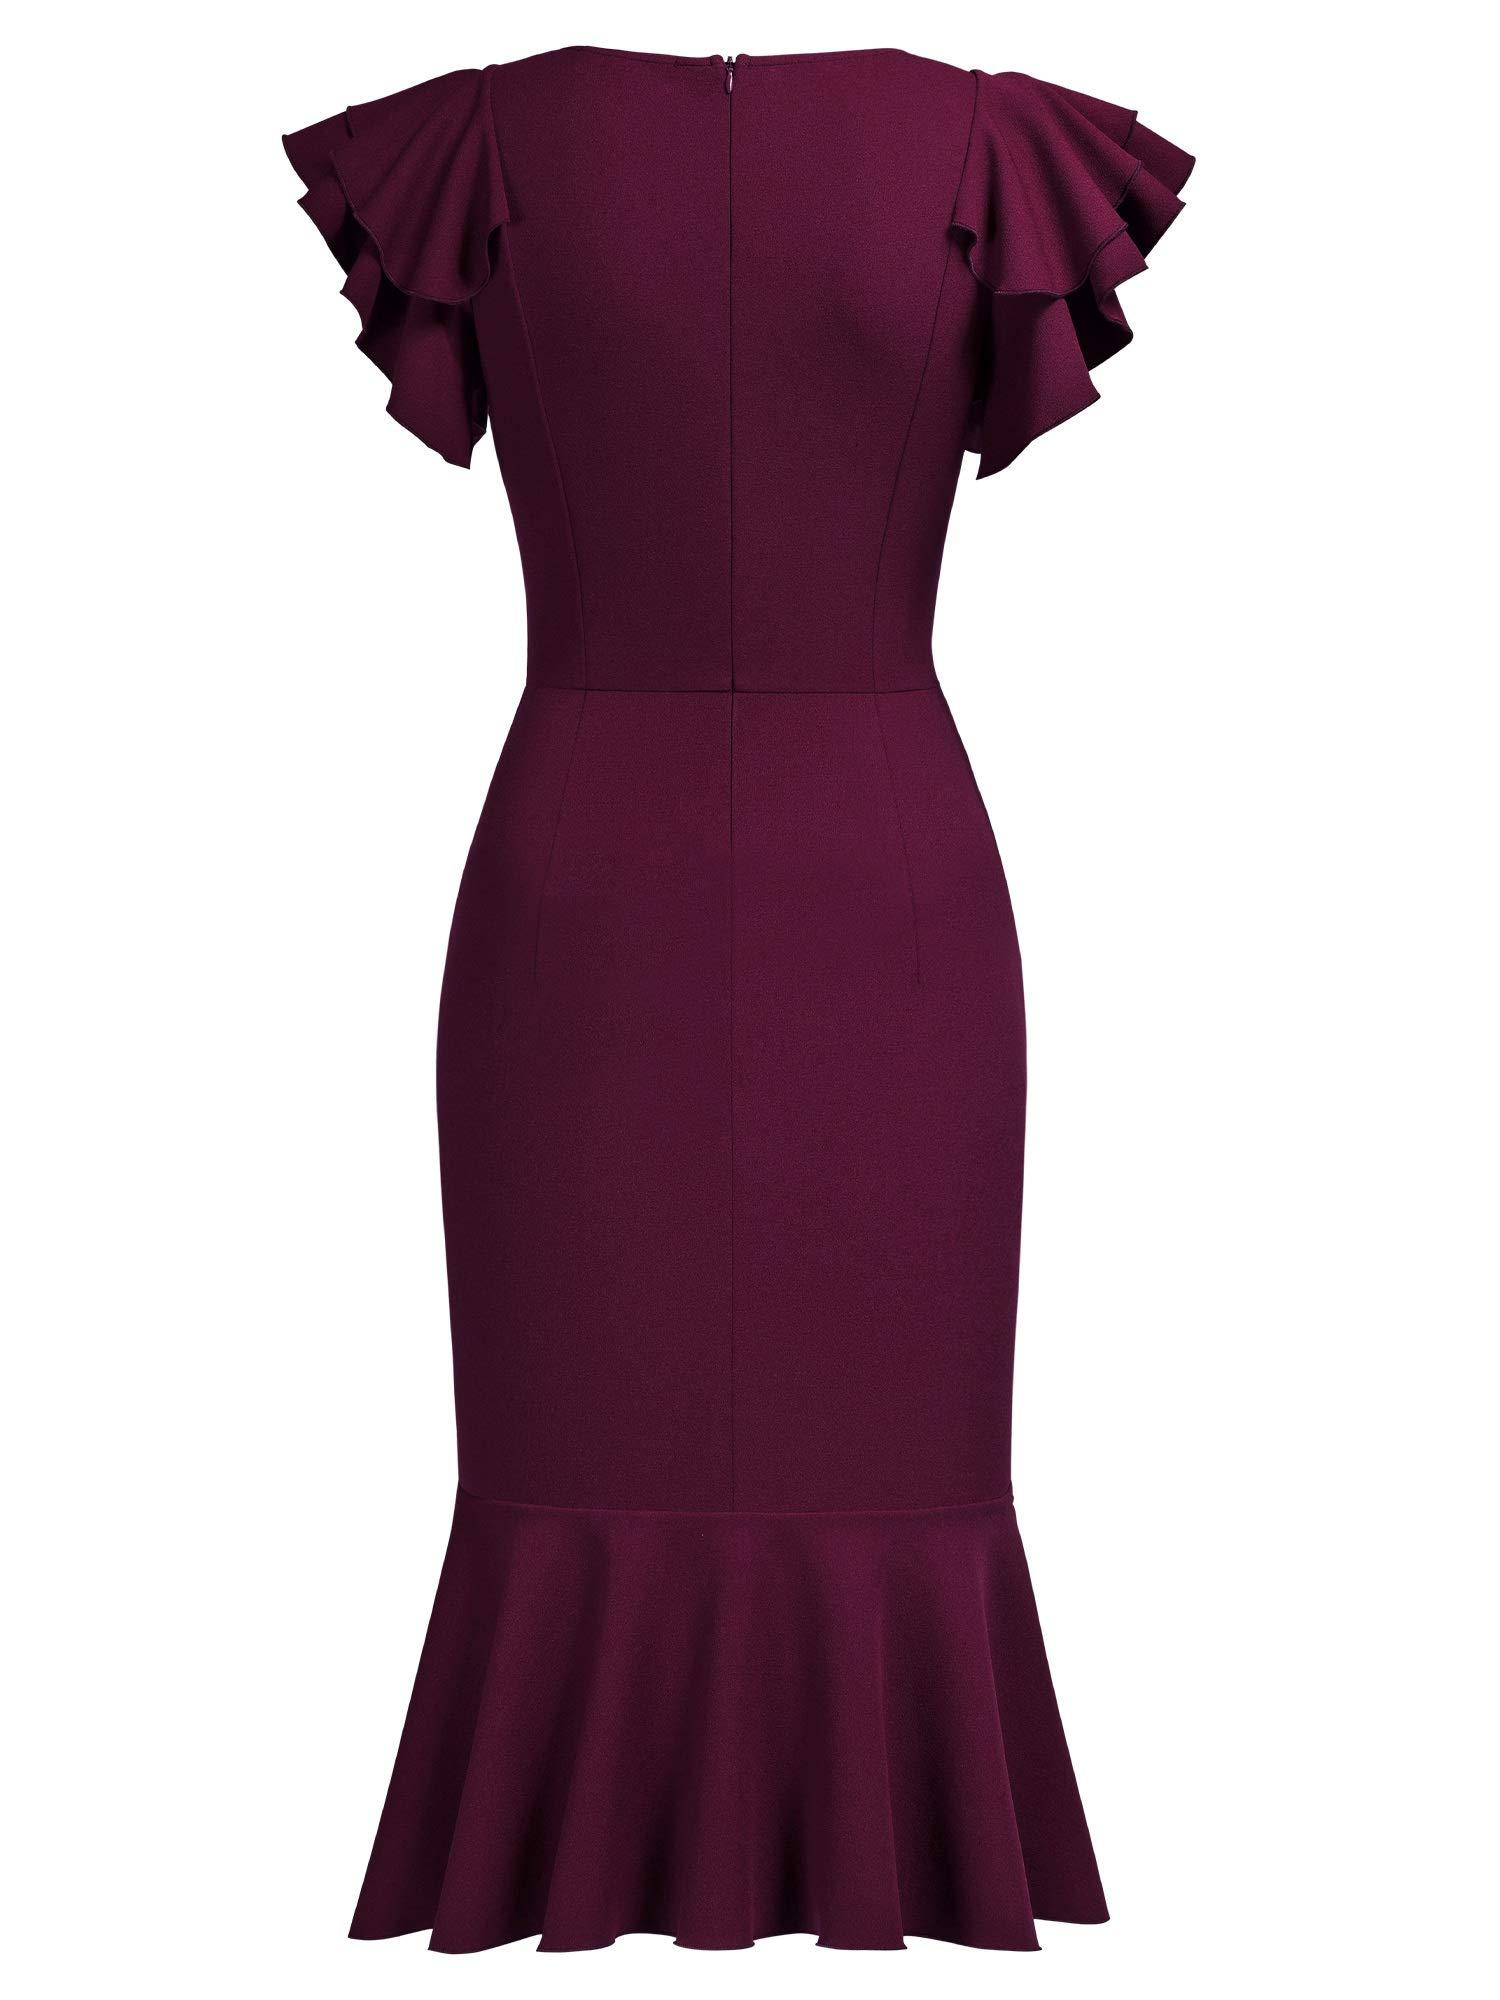 Knitee Womens Vintage Off Shoulder V-Neck Evening Party Cocktail Ruffles Slit Formal Dress